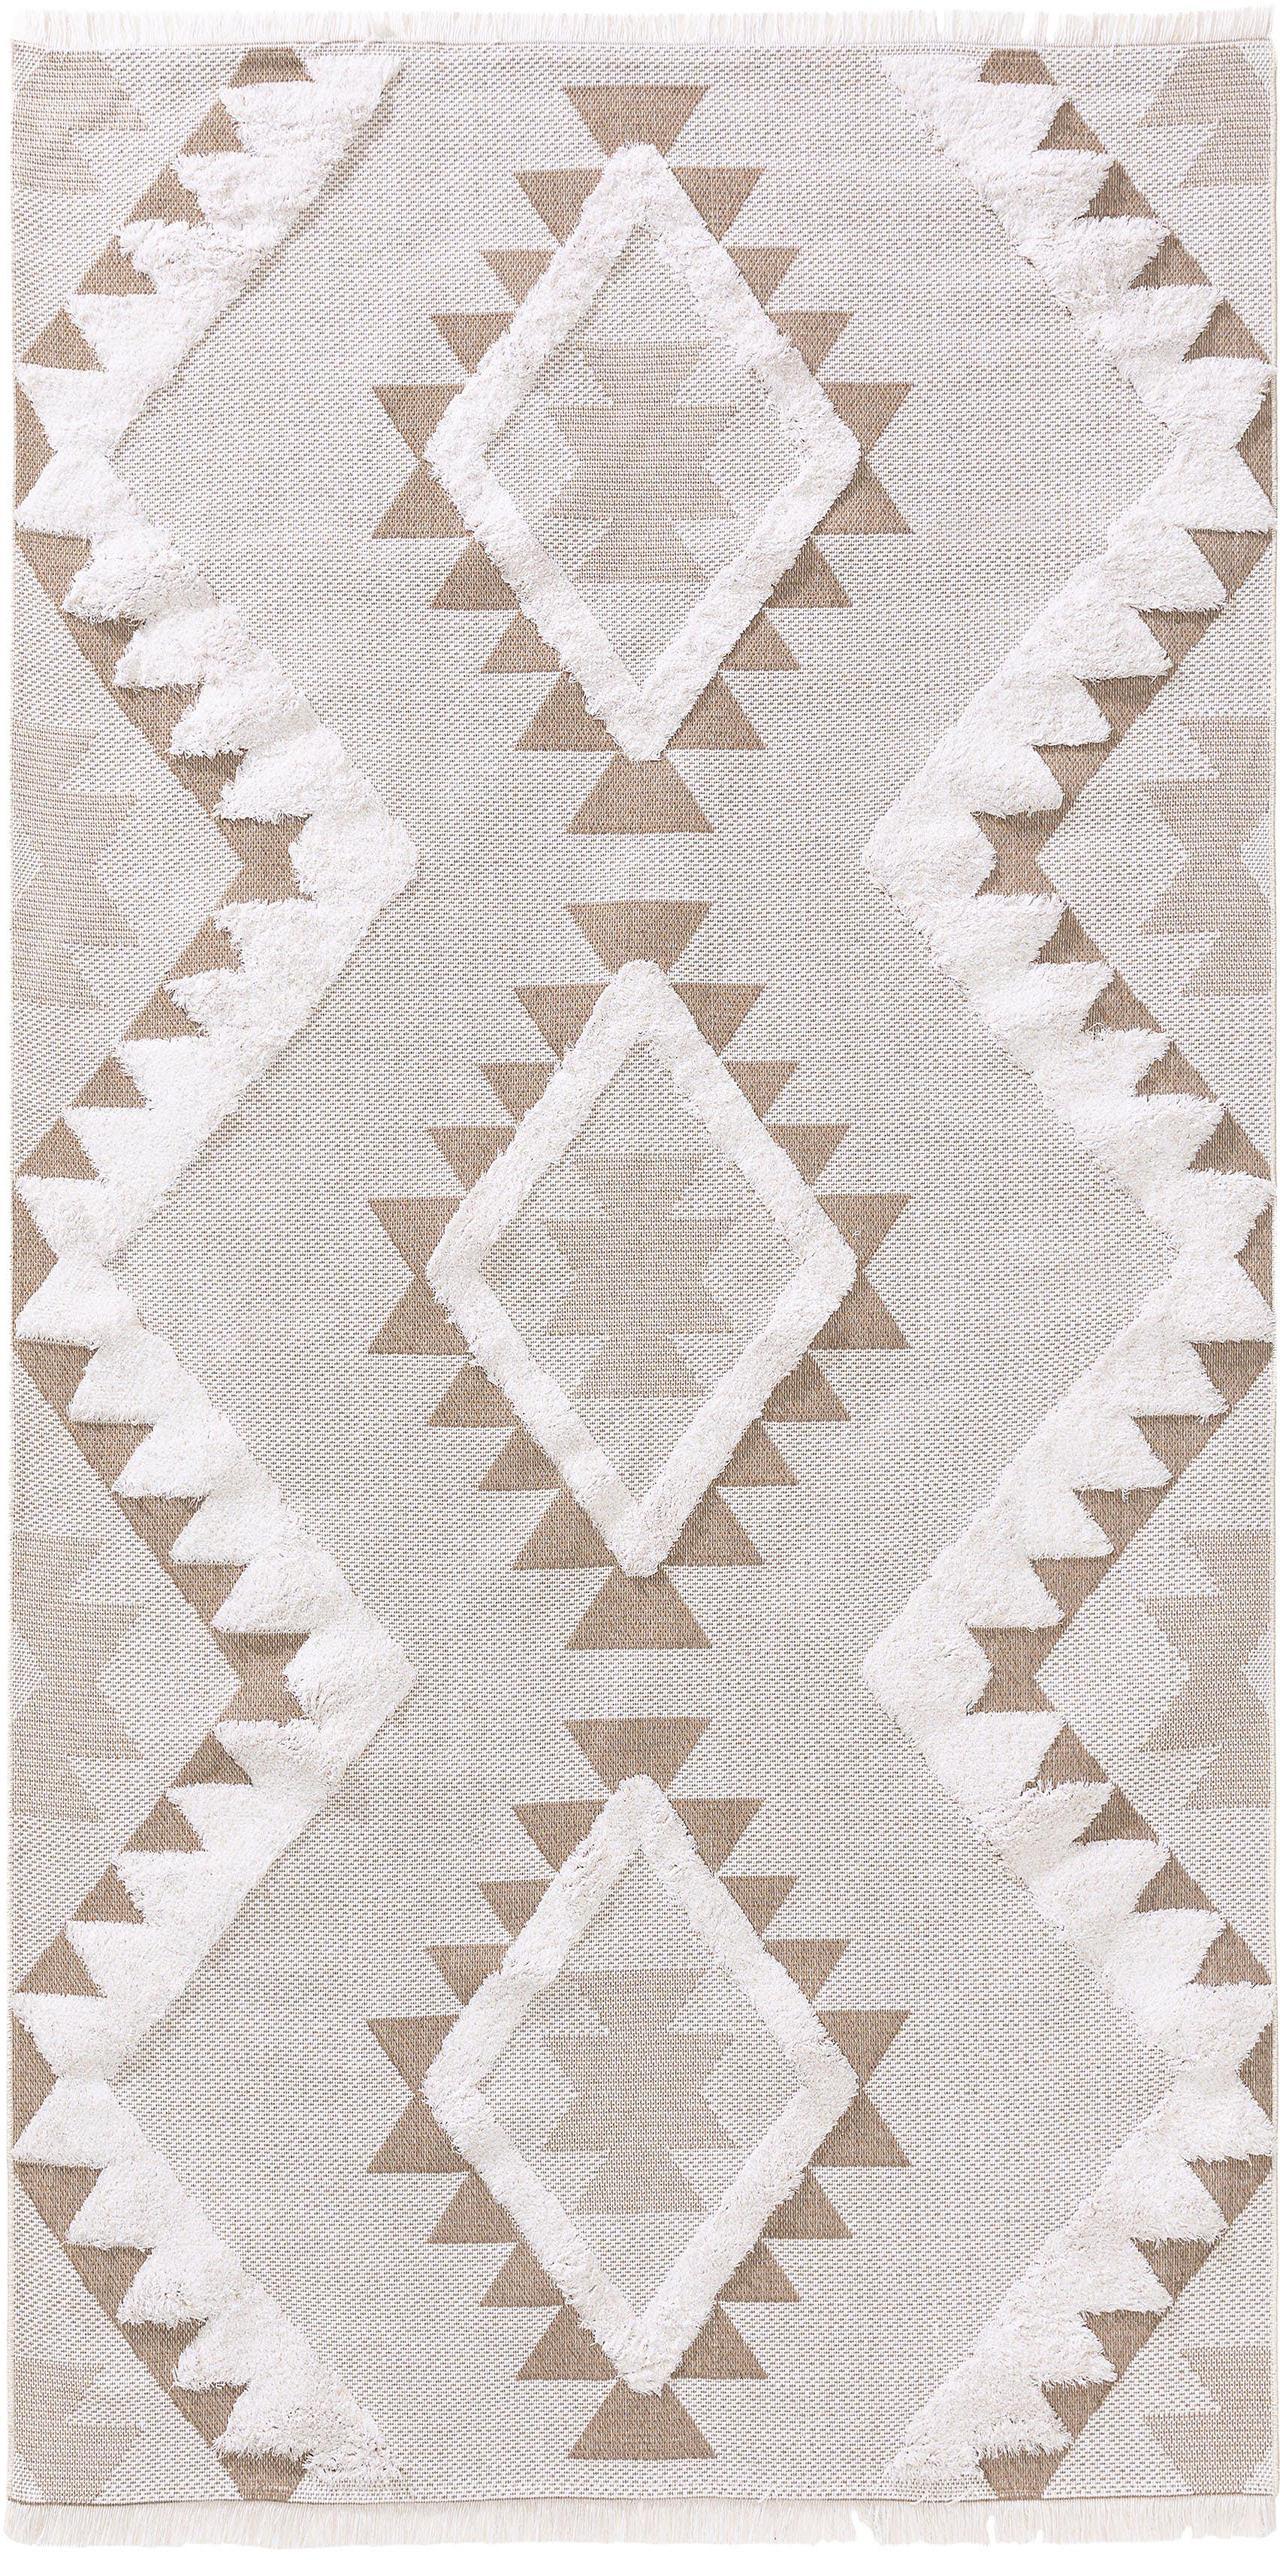 Waschbarer Baumwollteppich Oslo Aztec mit Hoch-Tief-Struktur, 100% Baumwolle, Cremeweiß, Taupe, B 75 x L 150 cm (Größe XS)